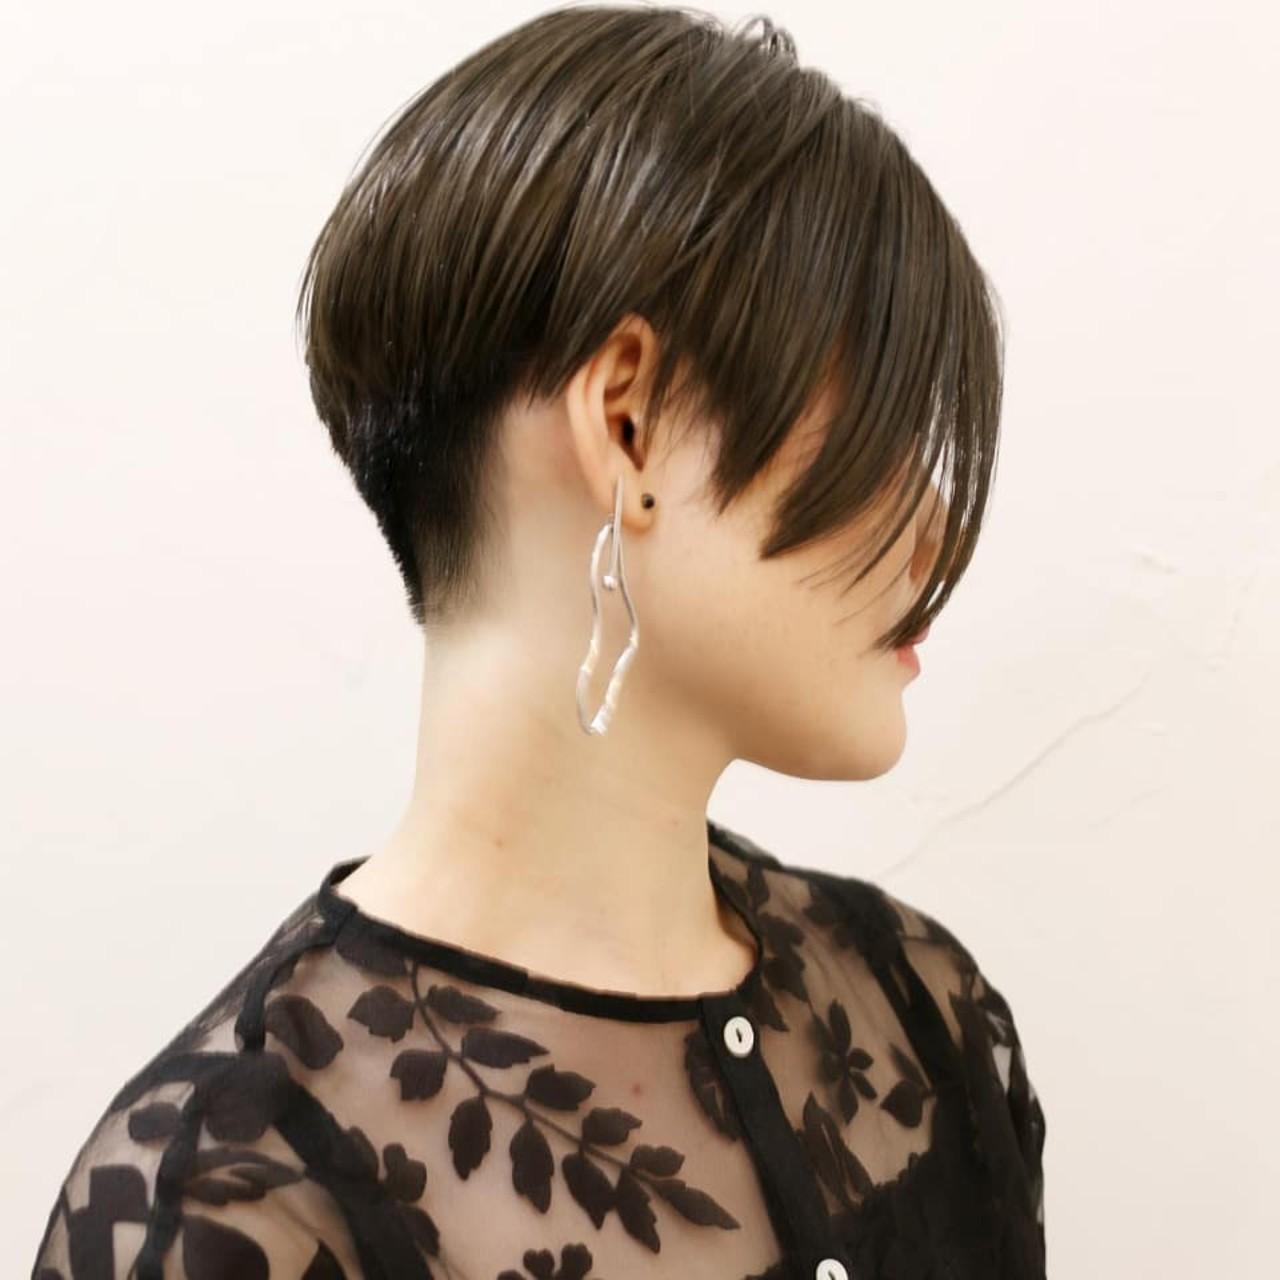 アッシュグレー かっこいい ショートボブ モード ヘアスタイルや髪型の写真・画像